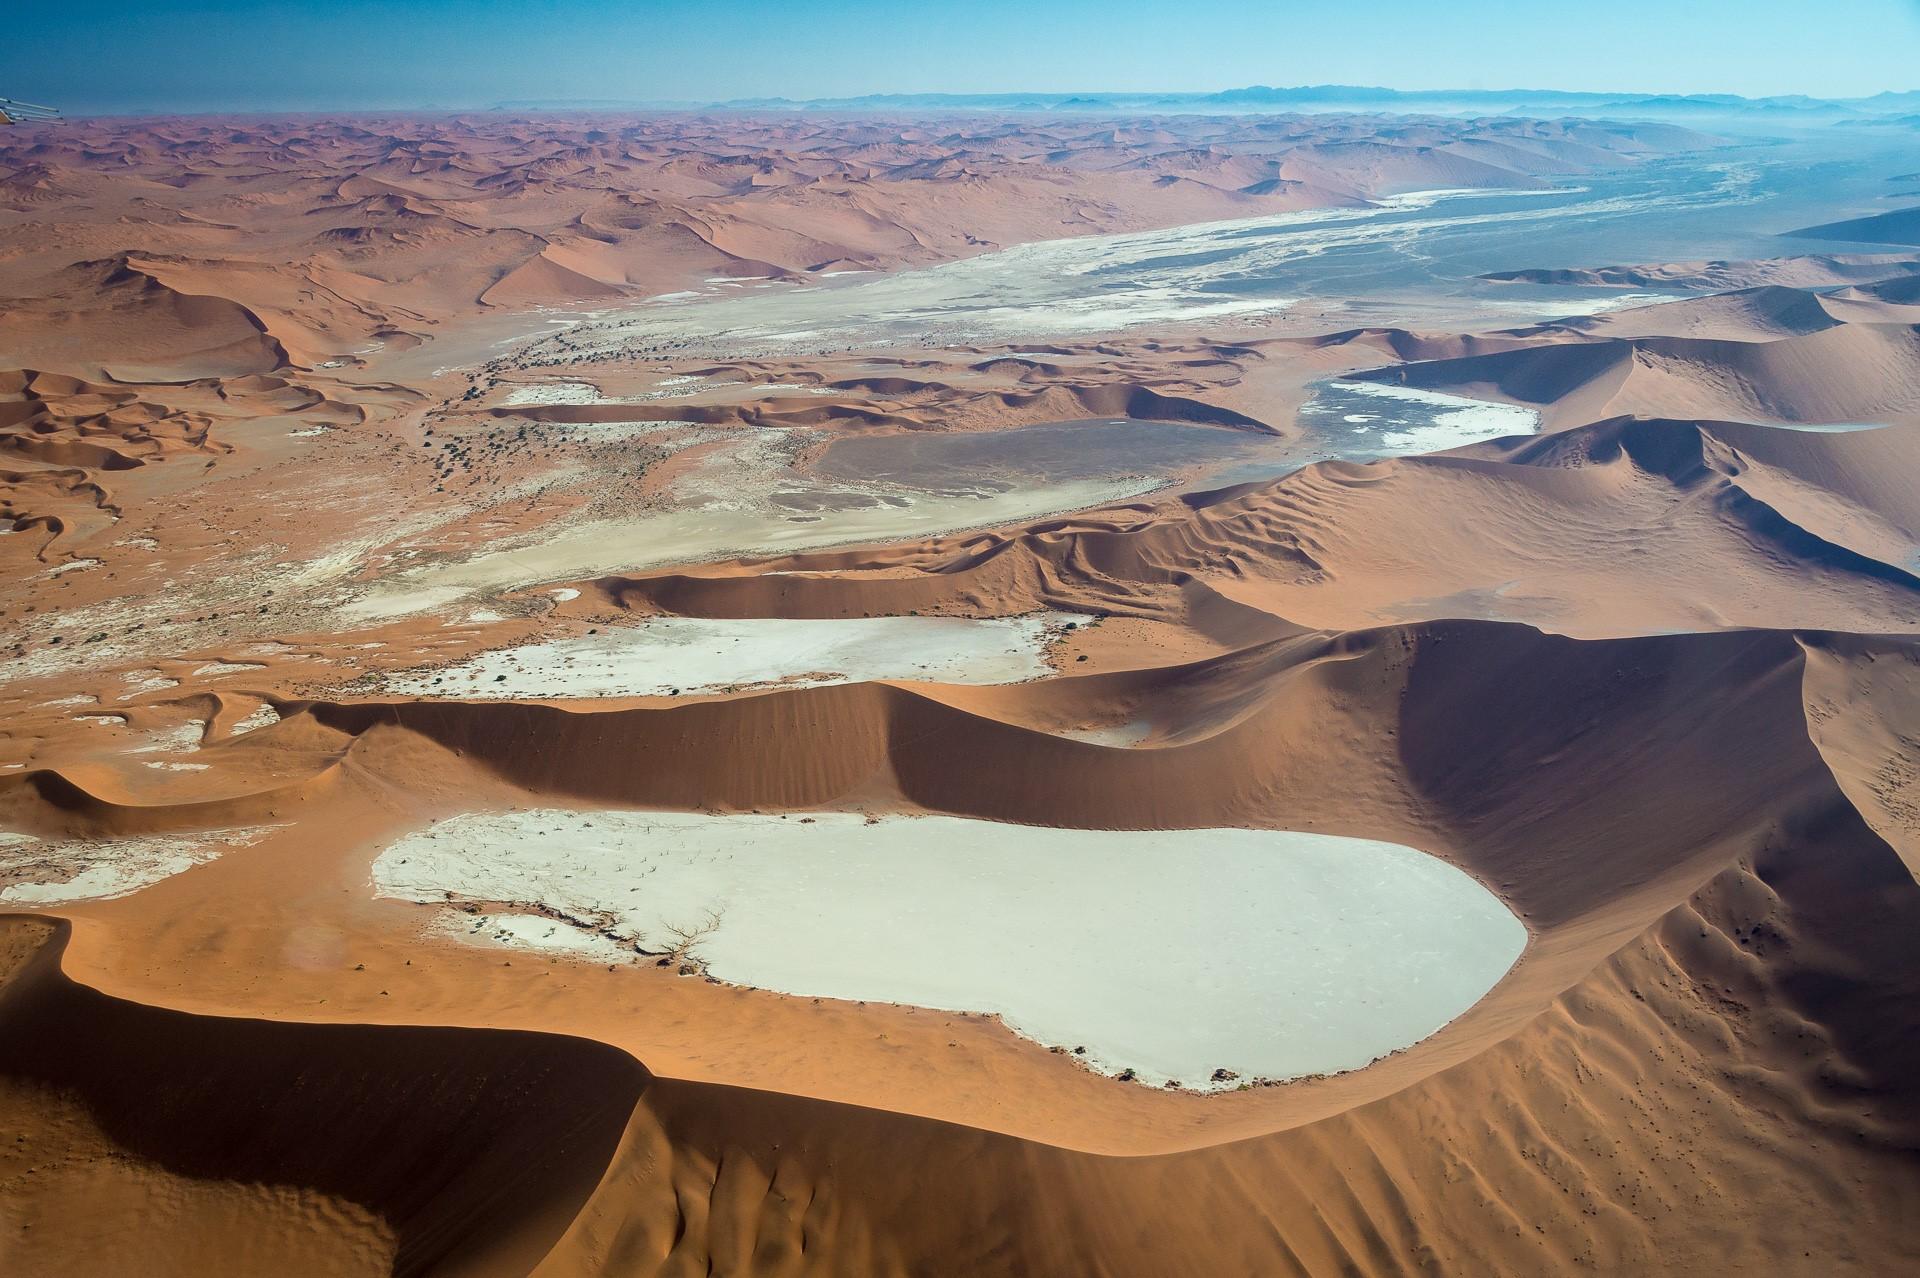 sossusvlei-desert-namibia-aerial